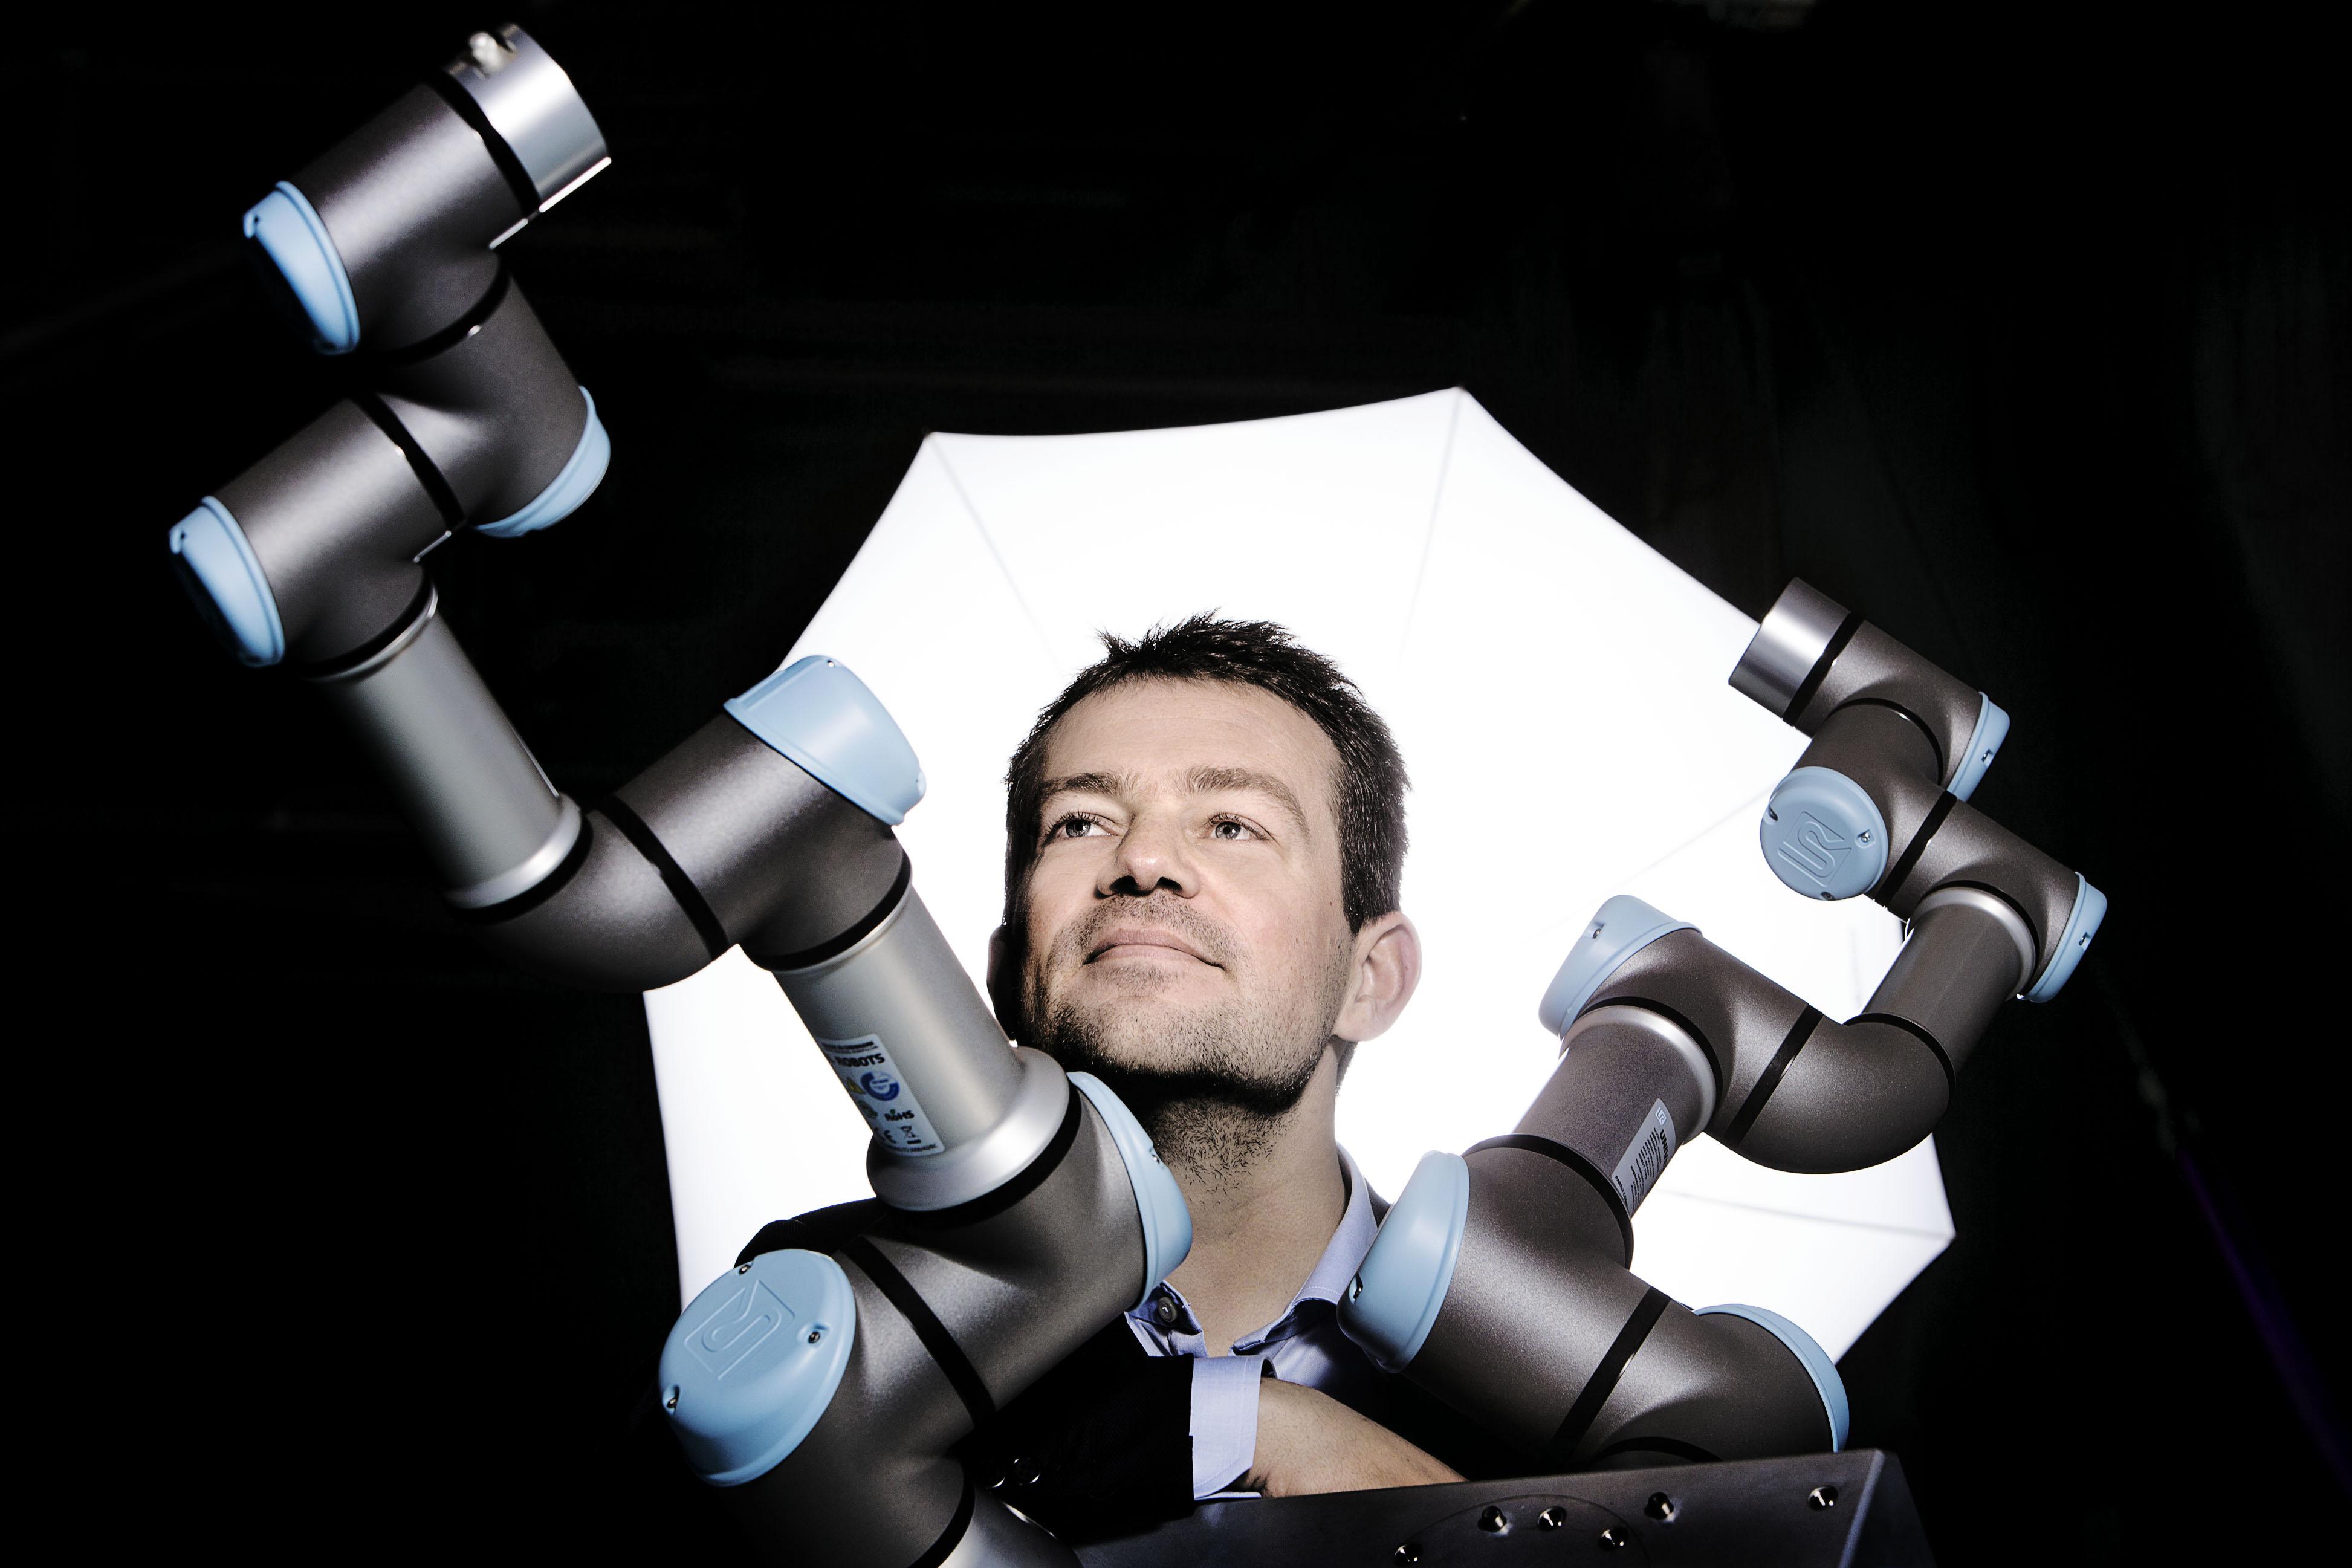 Esben Ostergaard, CTO of Universal Robots, is a winner of the 2018 Engelberger Award